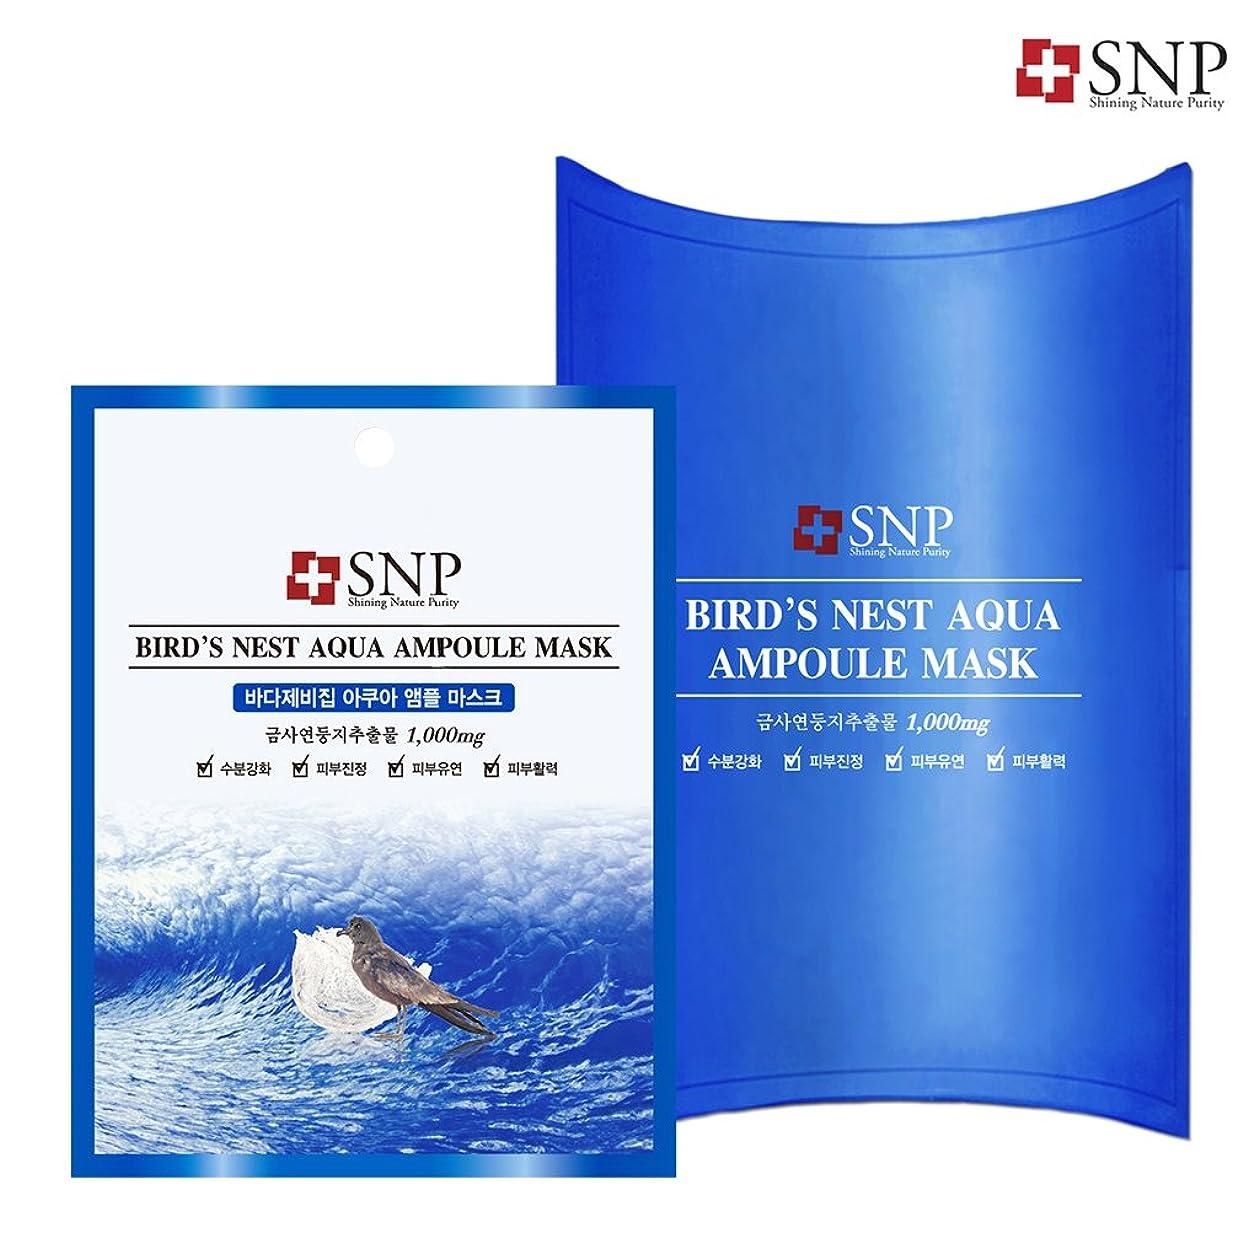 放牧するごちそうできればSNP ウミツメバメの巣 アクアアンプルマスク10枚[海外直送品]